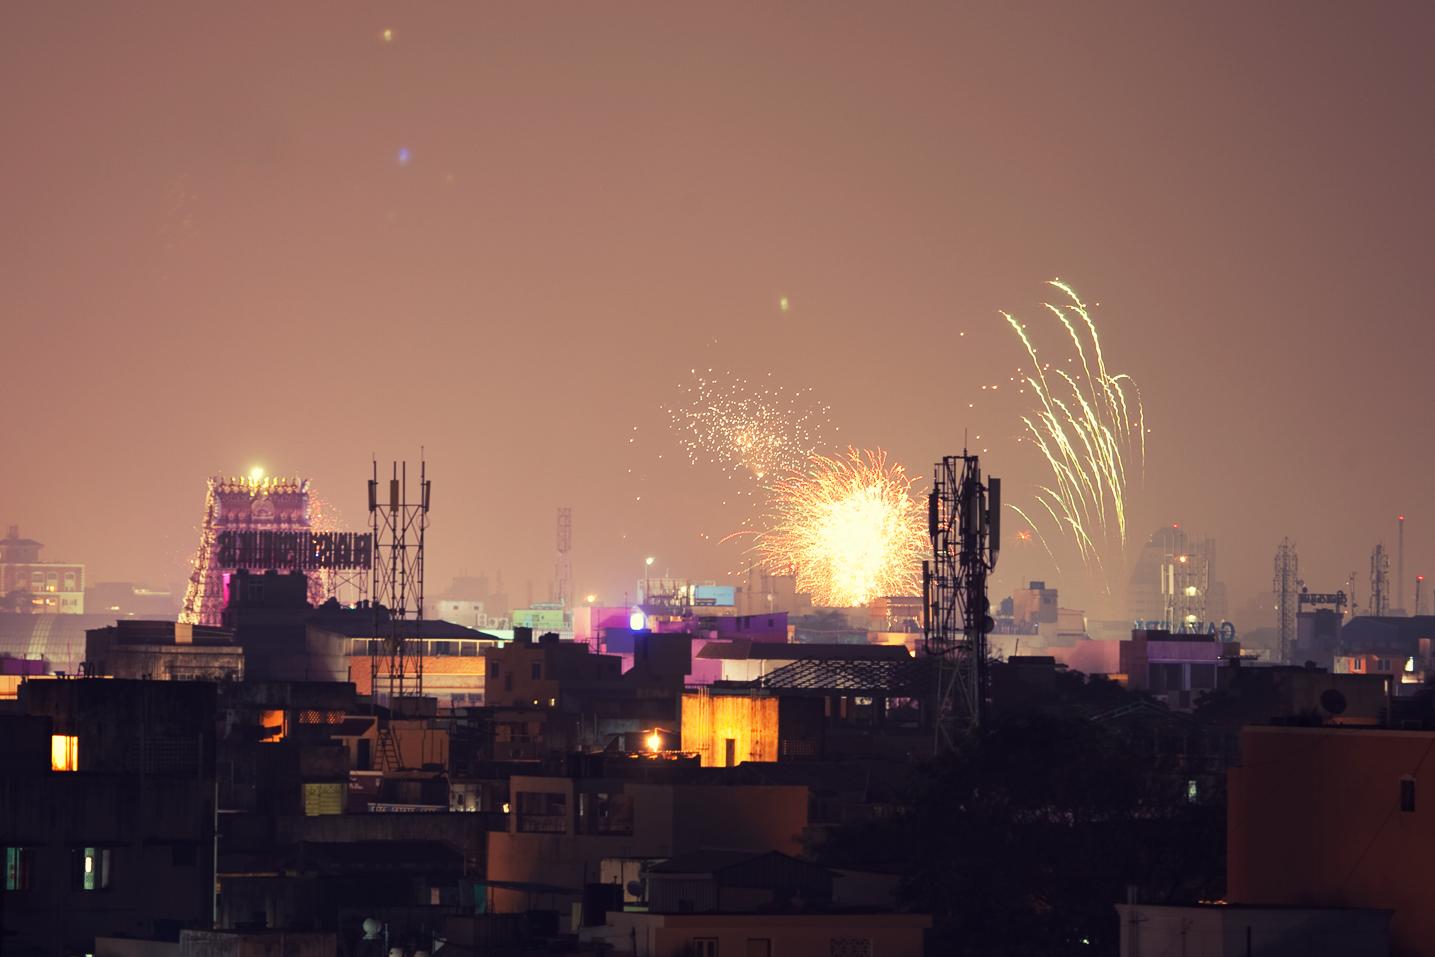 Credit: Vinoth Chandar, Flickr